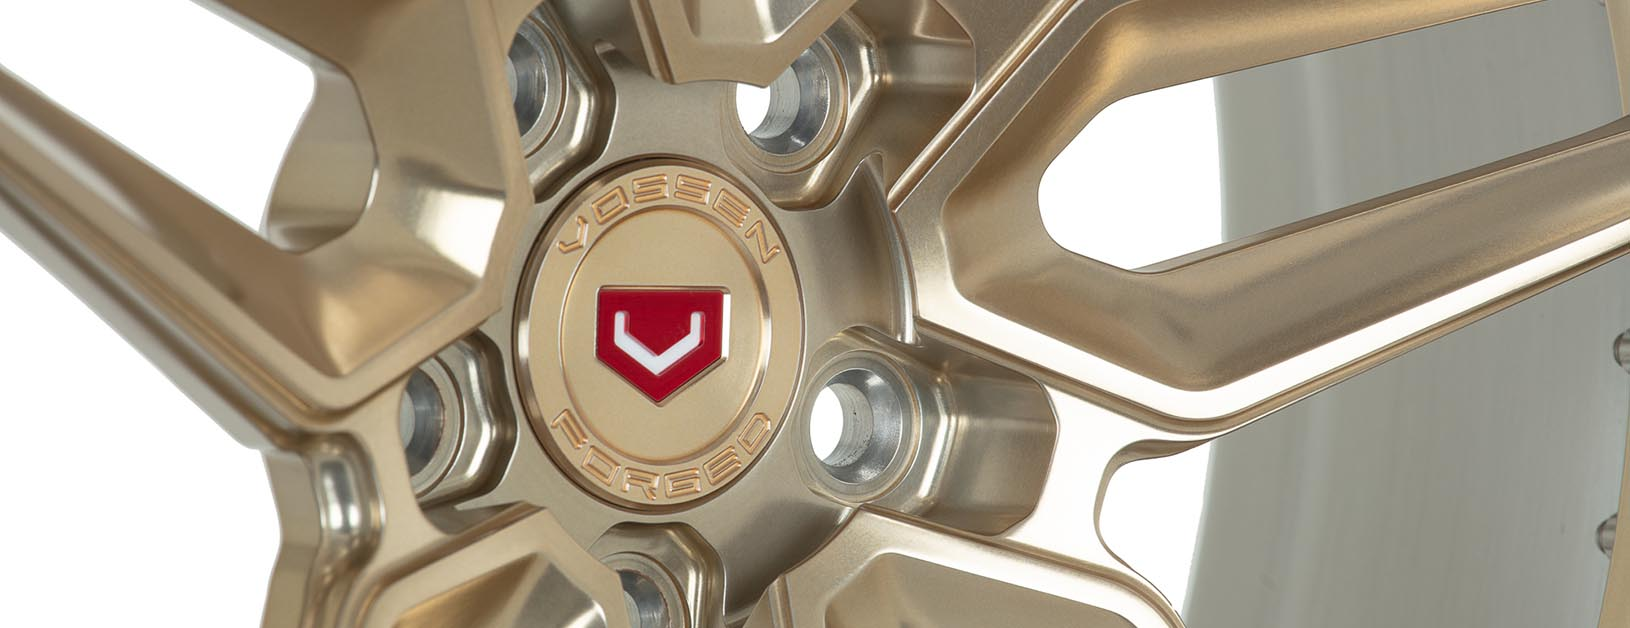 Vossen-EVO-1-3P-C09-C04-EVO-Series-©-Vossen-Wheels-2019-0704-Edit